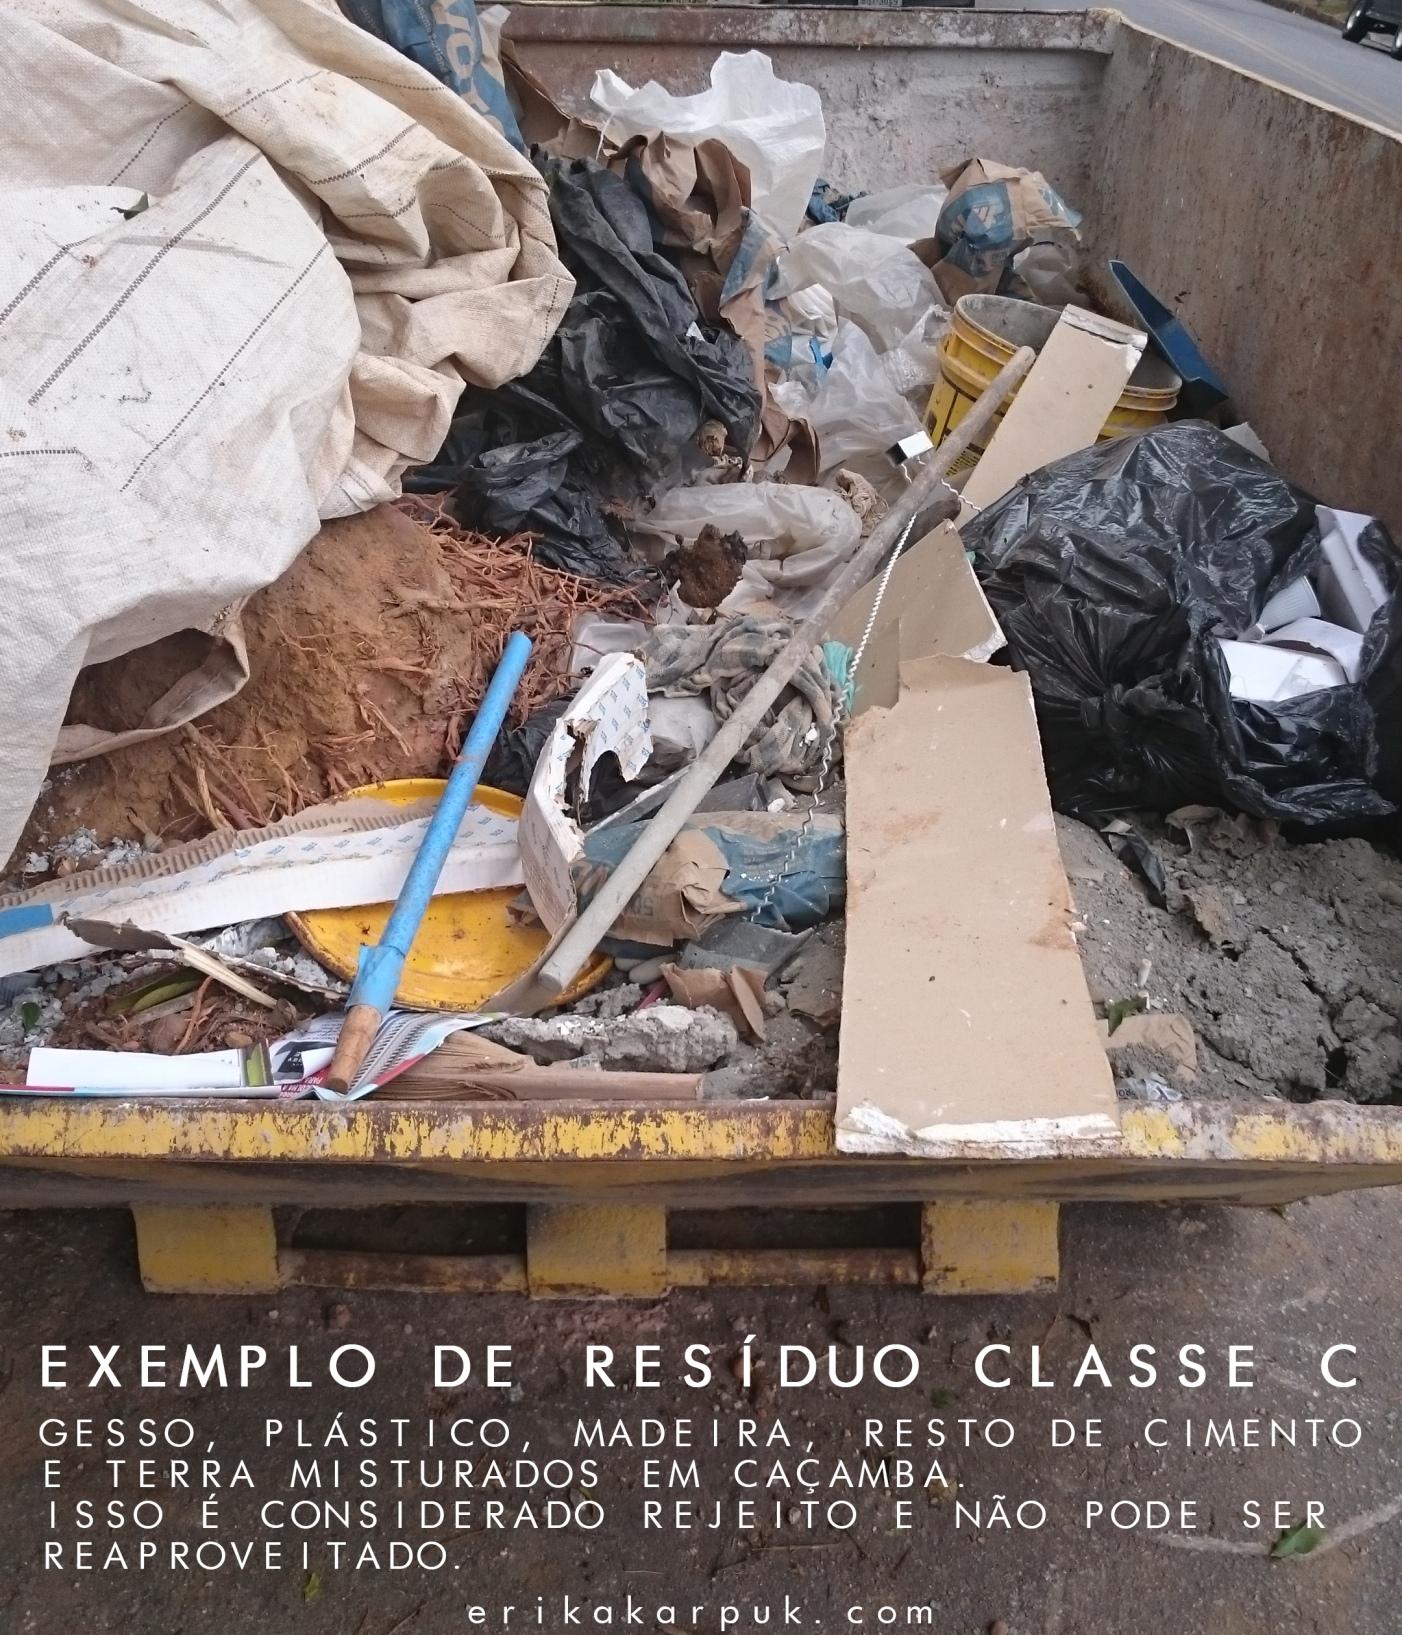 caçamba CLASSE C